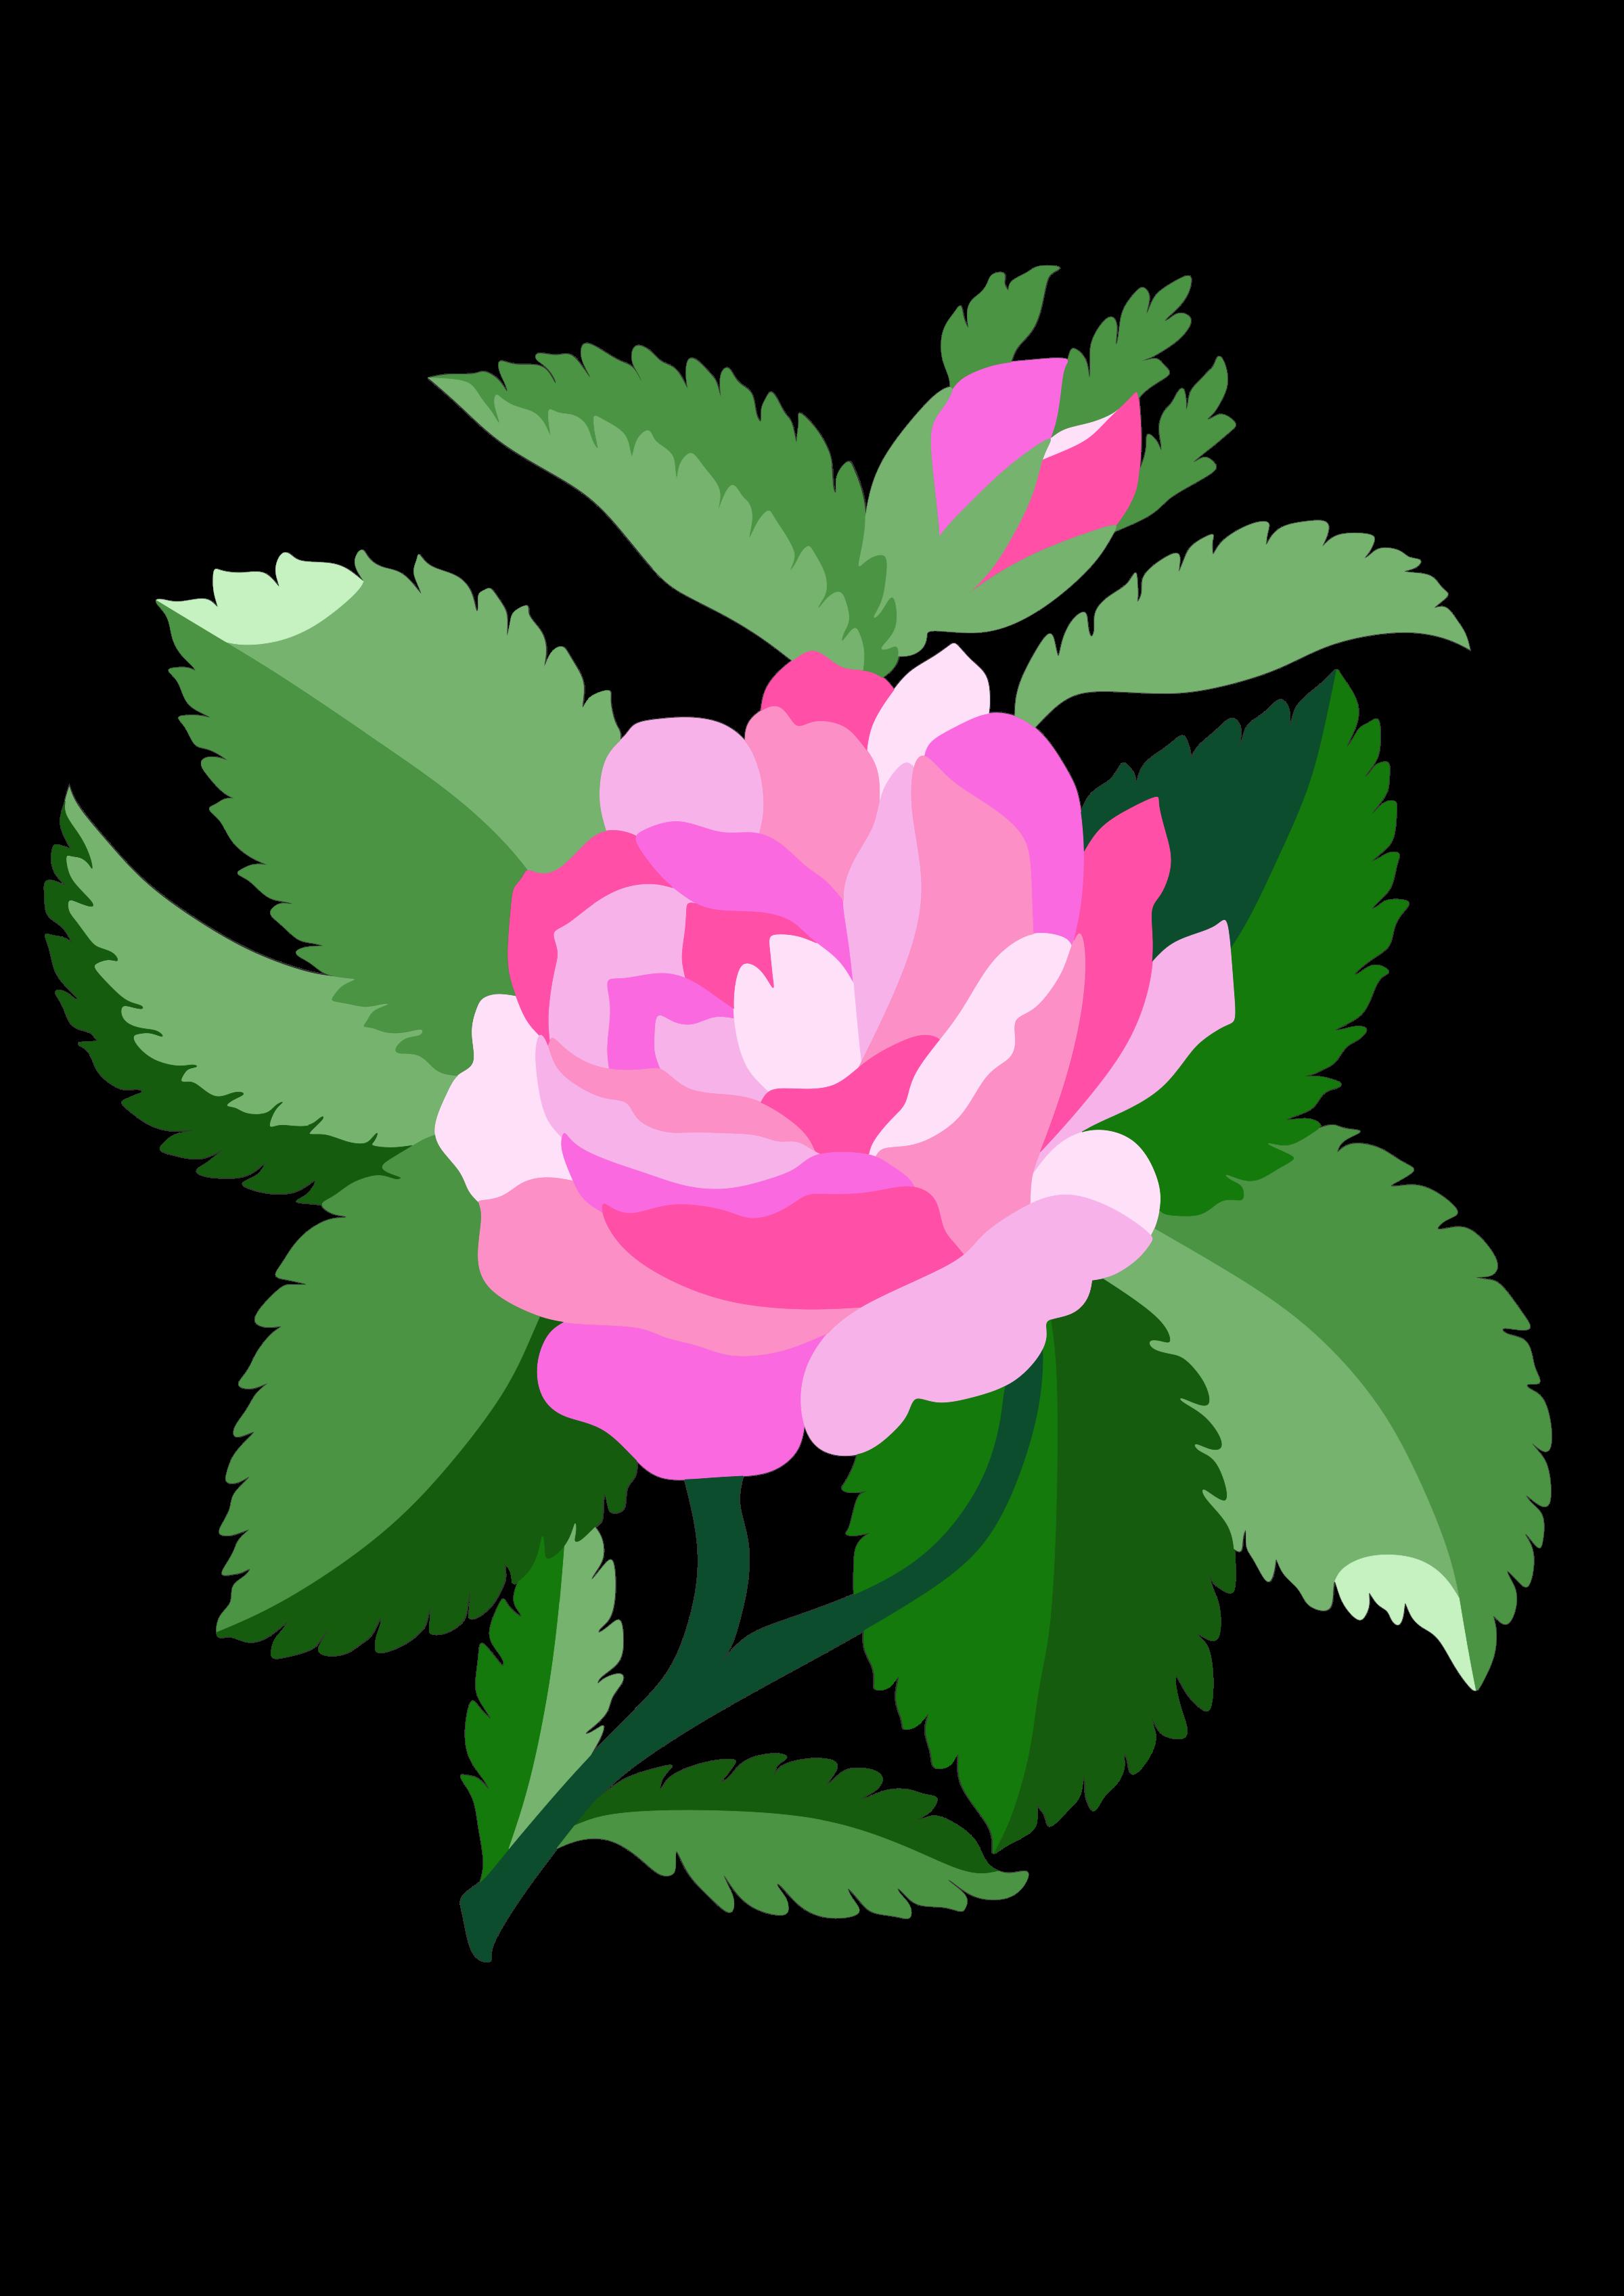 Clipart design rose. For damask big image